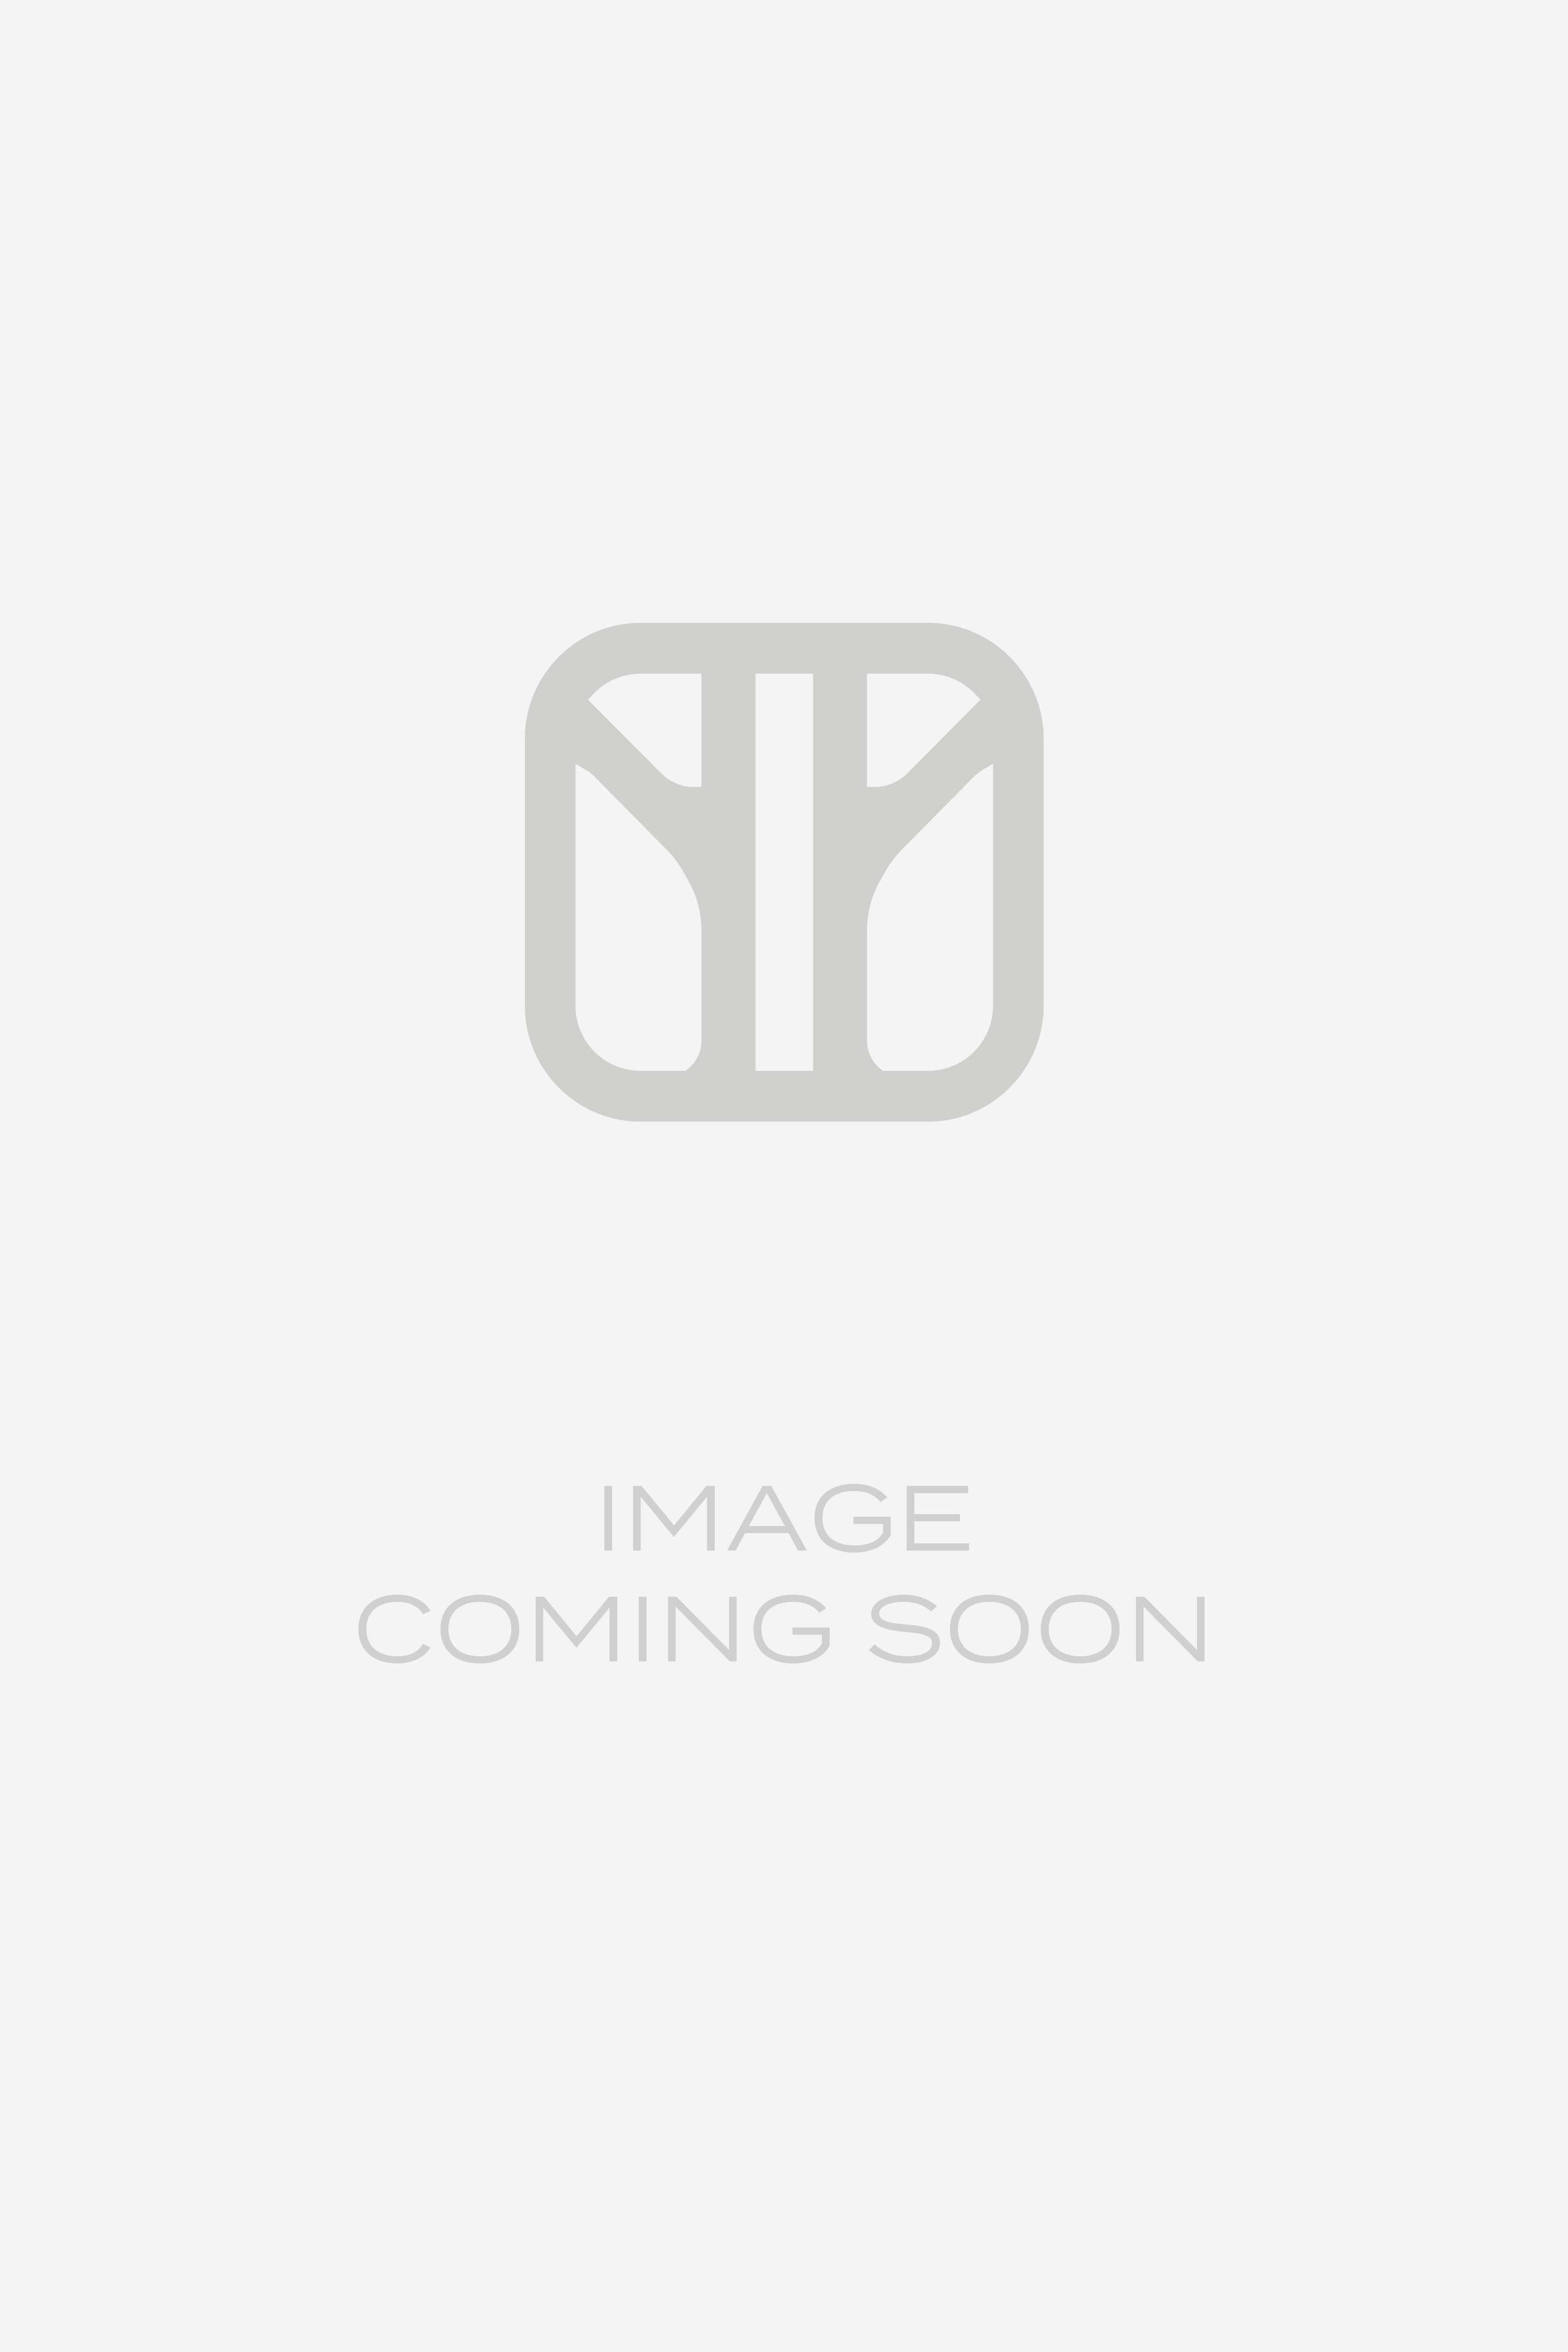 Damen T-Shirt Bulli T1 Evolution Gr/ö/ße M